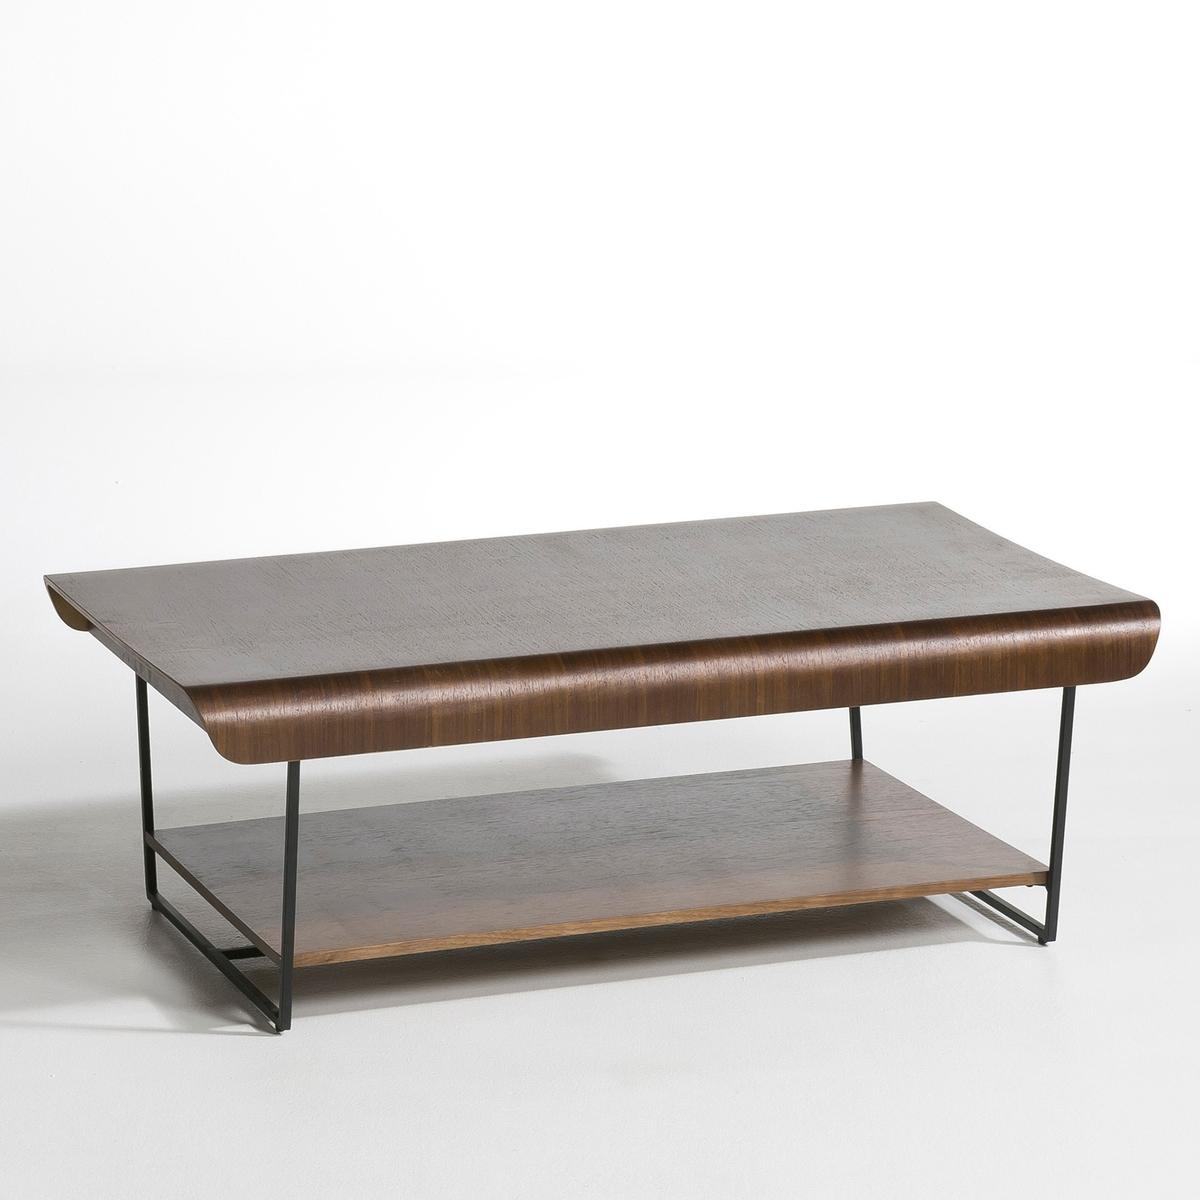 Столик журнальный Bardi, дизайн Э. Галлины woodi журнальный столик бумеранг